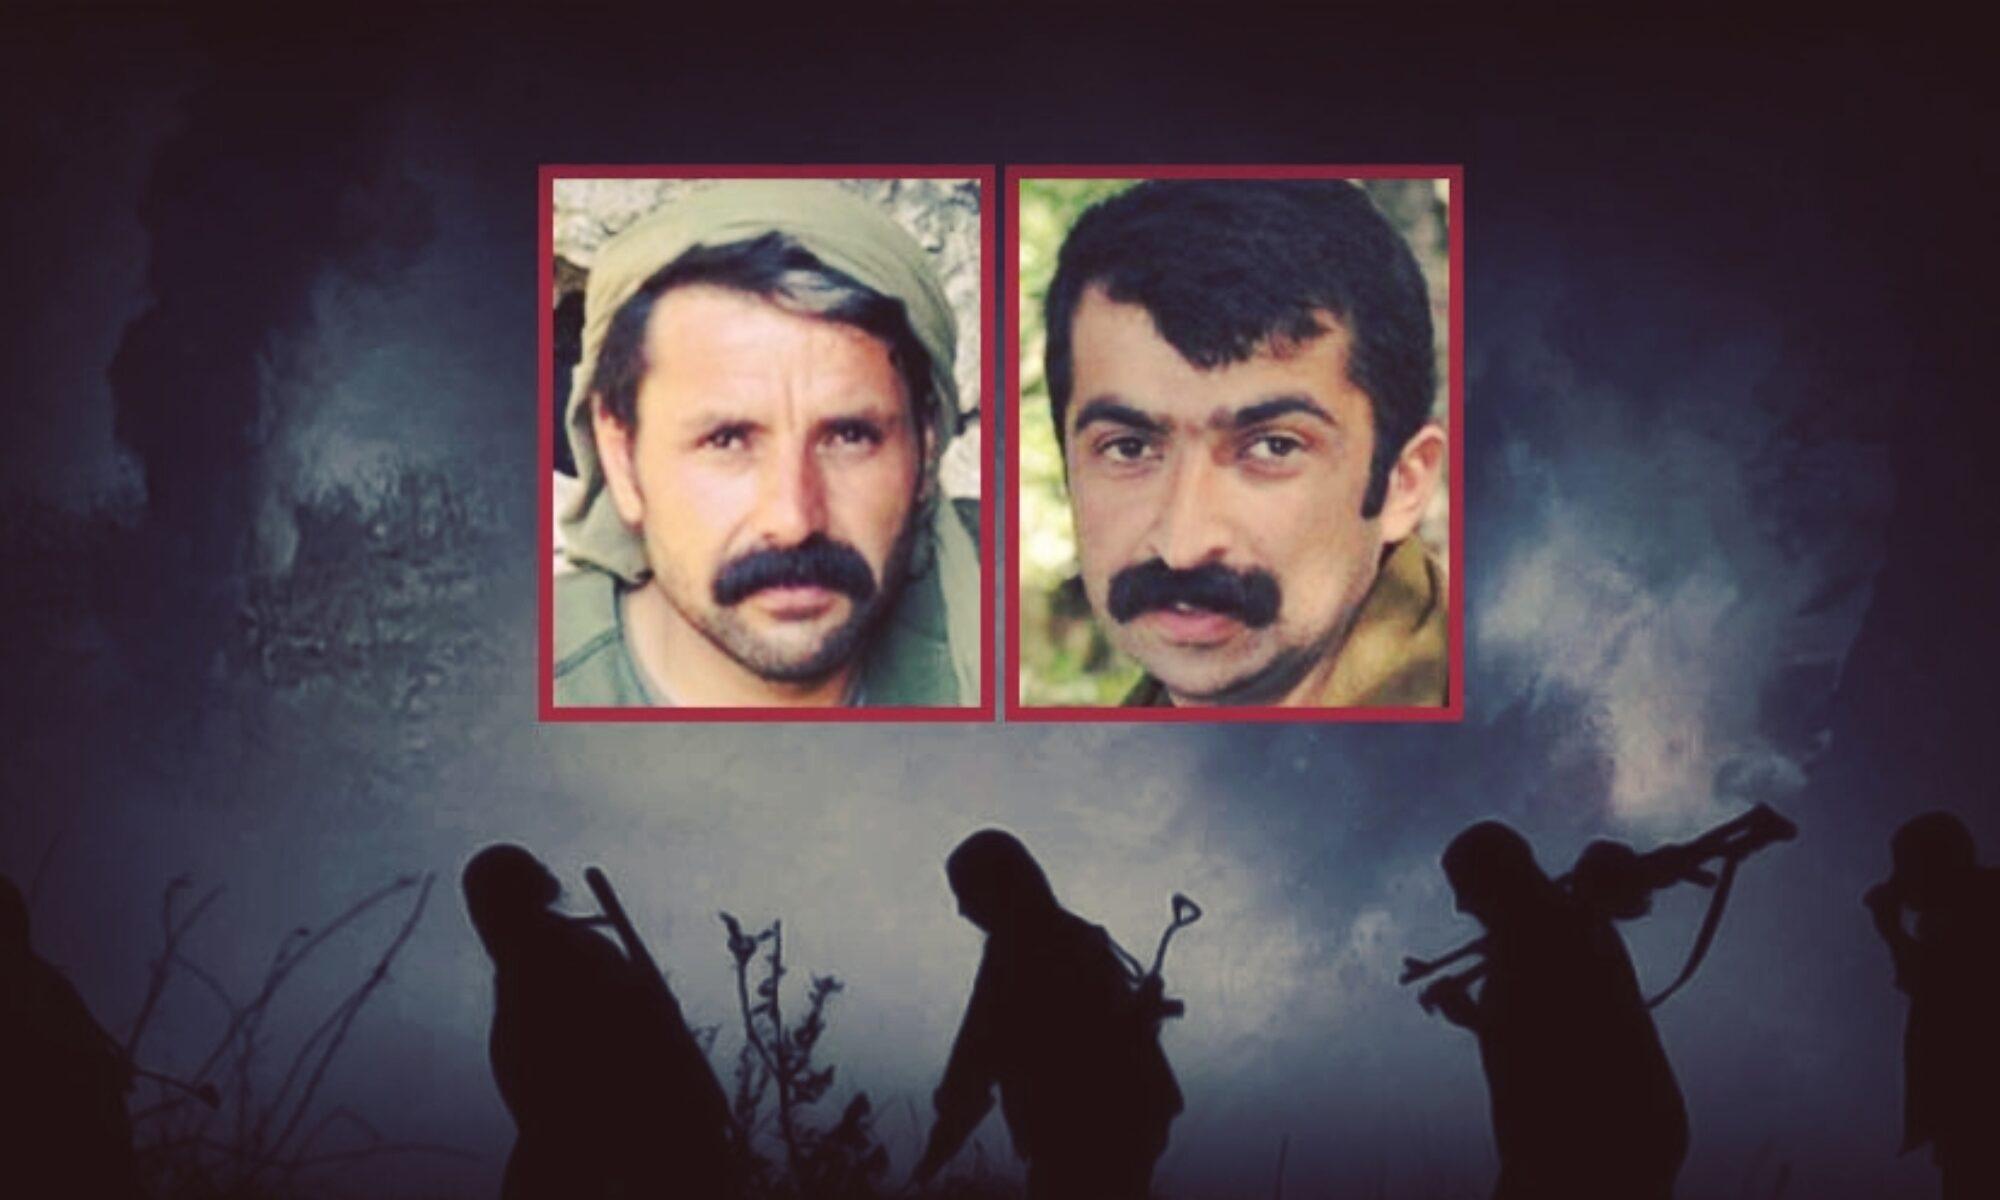 """TSK Bagok dağında 2'si yönetici 6 gerillanının hayatını kaybettiğini iddia etti """"Hevram Havraman Avyer' kod adlı Hasan Mahmudi olduğu belirlendi. 'Turuncu' kategoride ise örgütün Mardin Bagok alan sorumlusu olarak faaliyet gösteren 'Reber Koser' kod adlı Teyyüp Çam"""